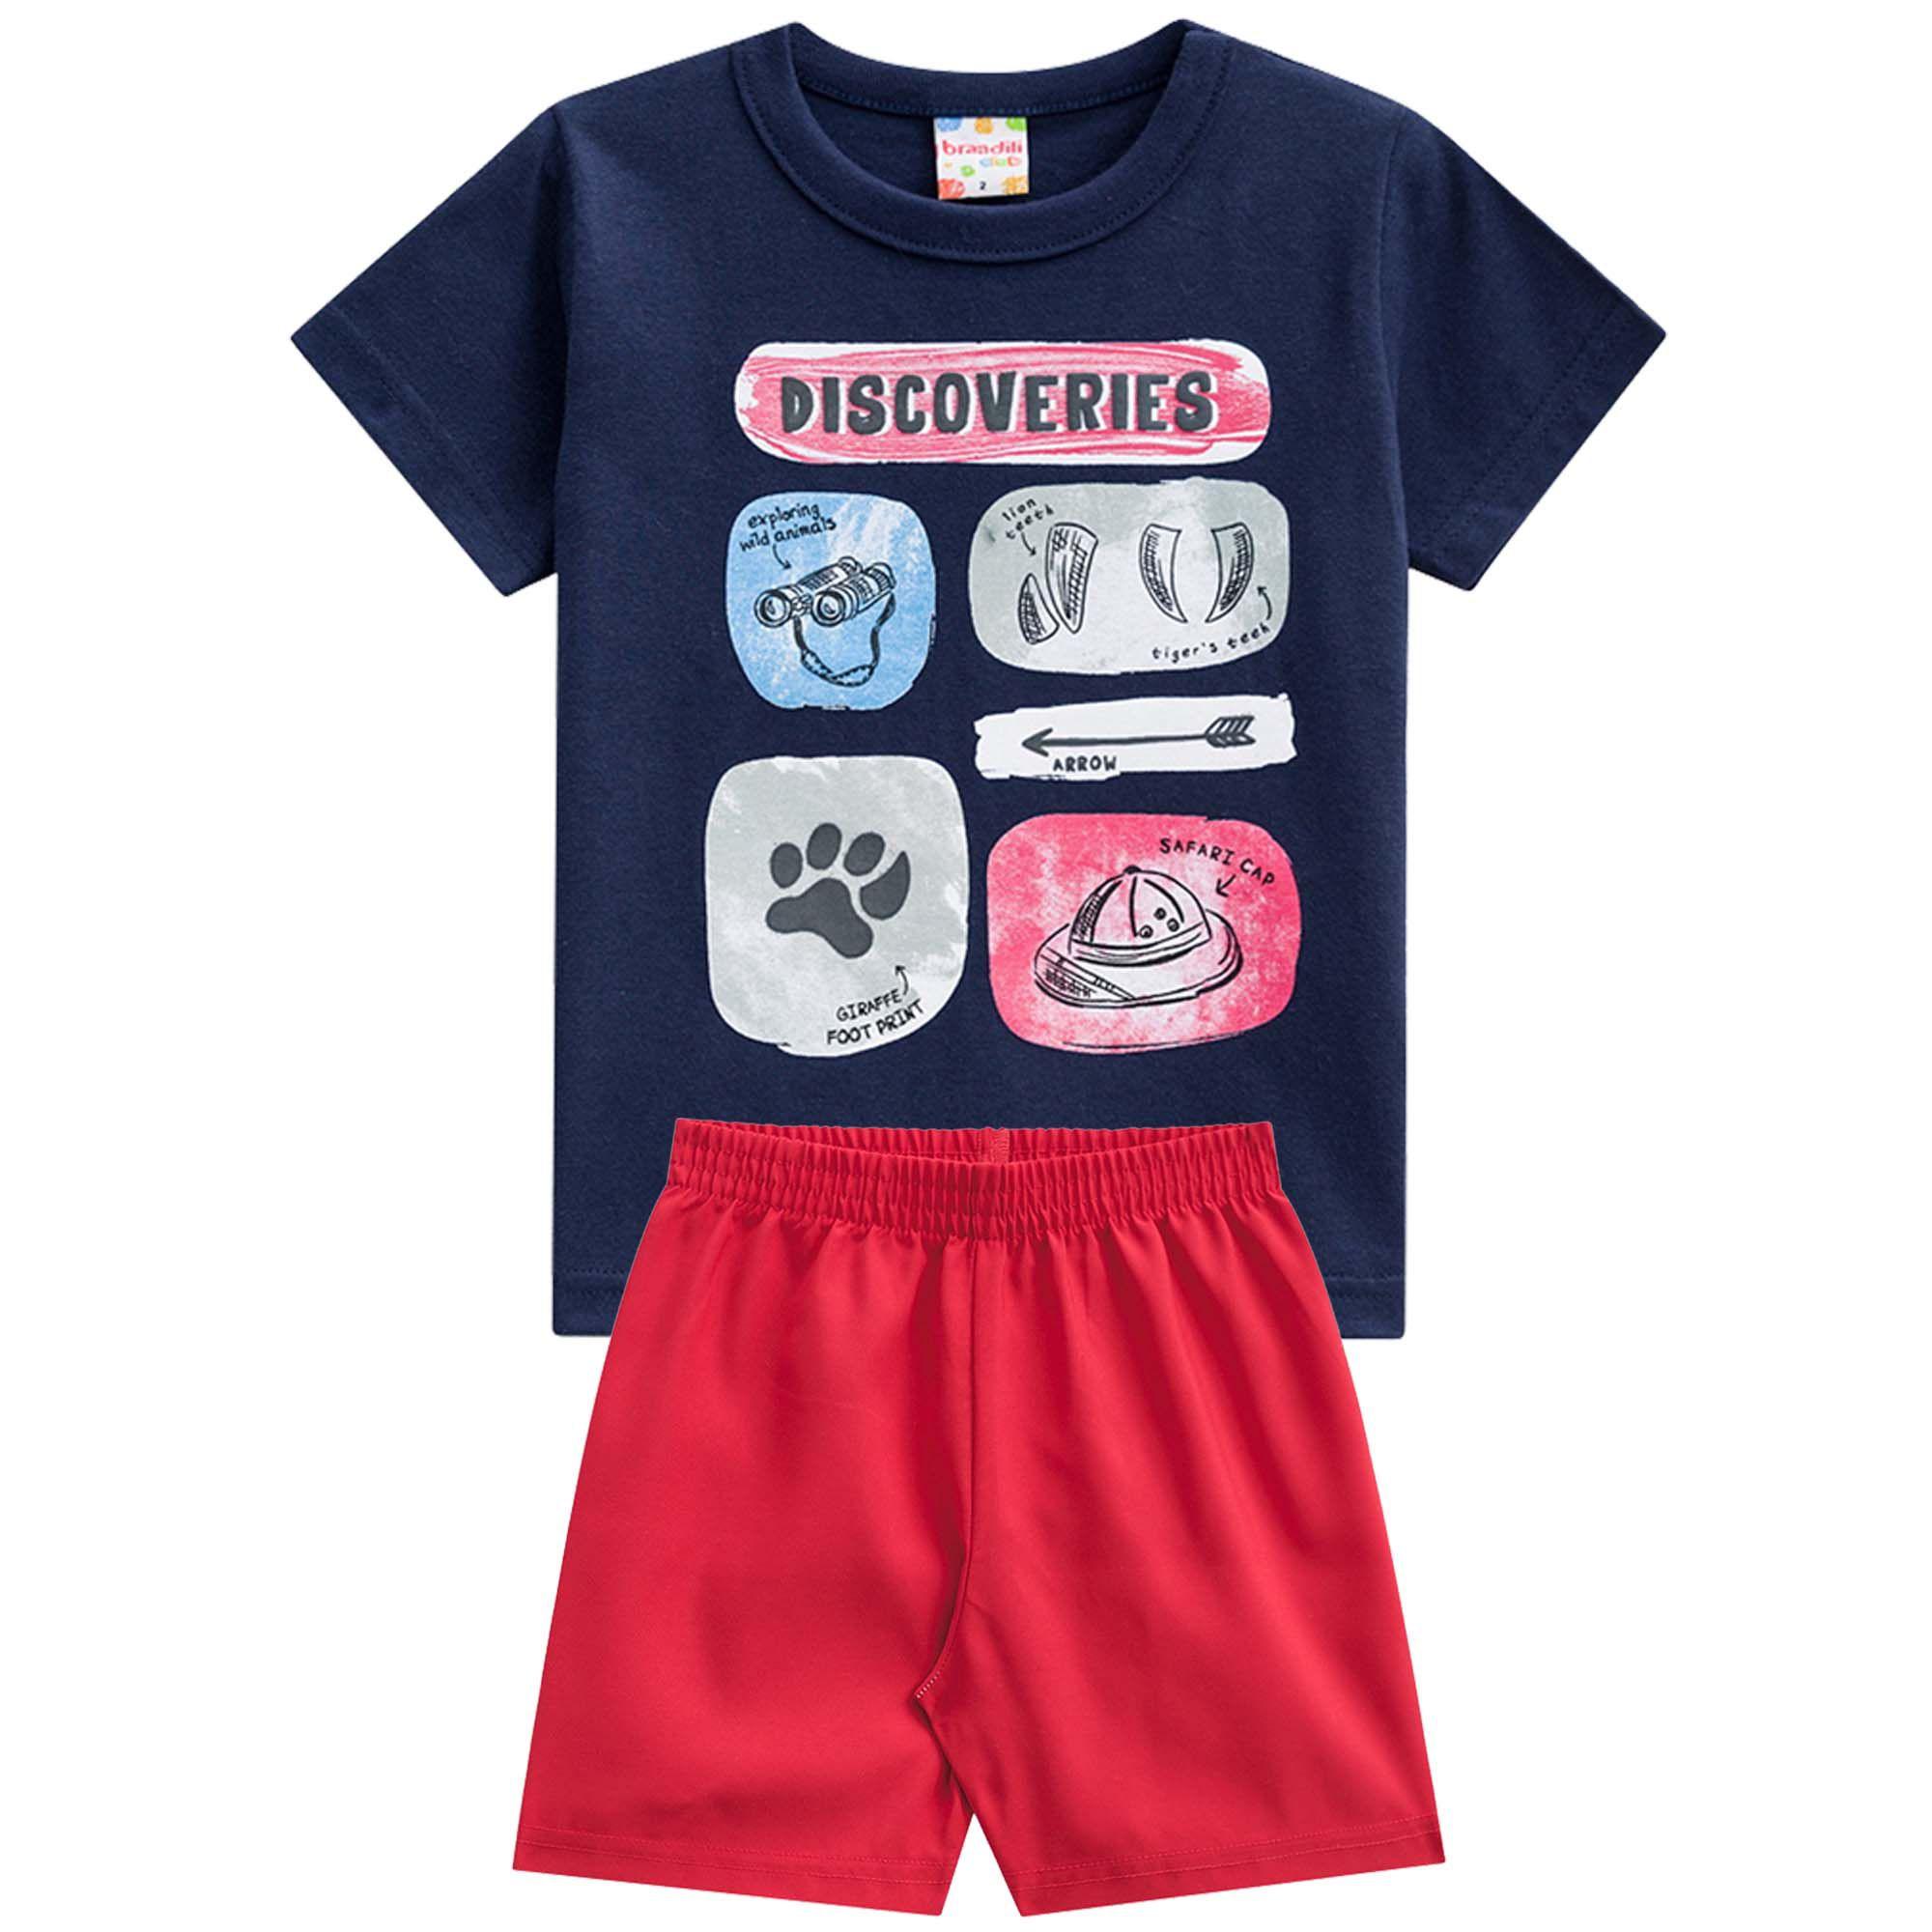 Conjunto Verão Brandili Camiseta Club Discoveries com Bermuda Moletinho - 4 ao 10